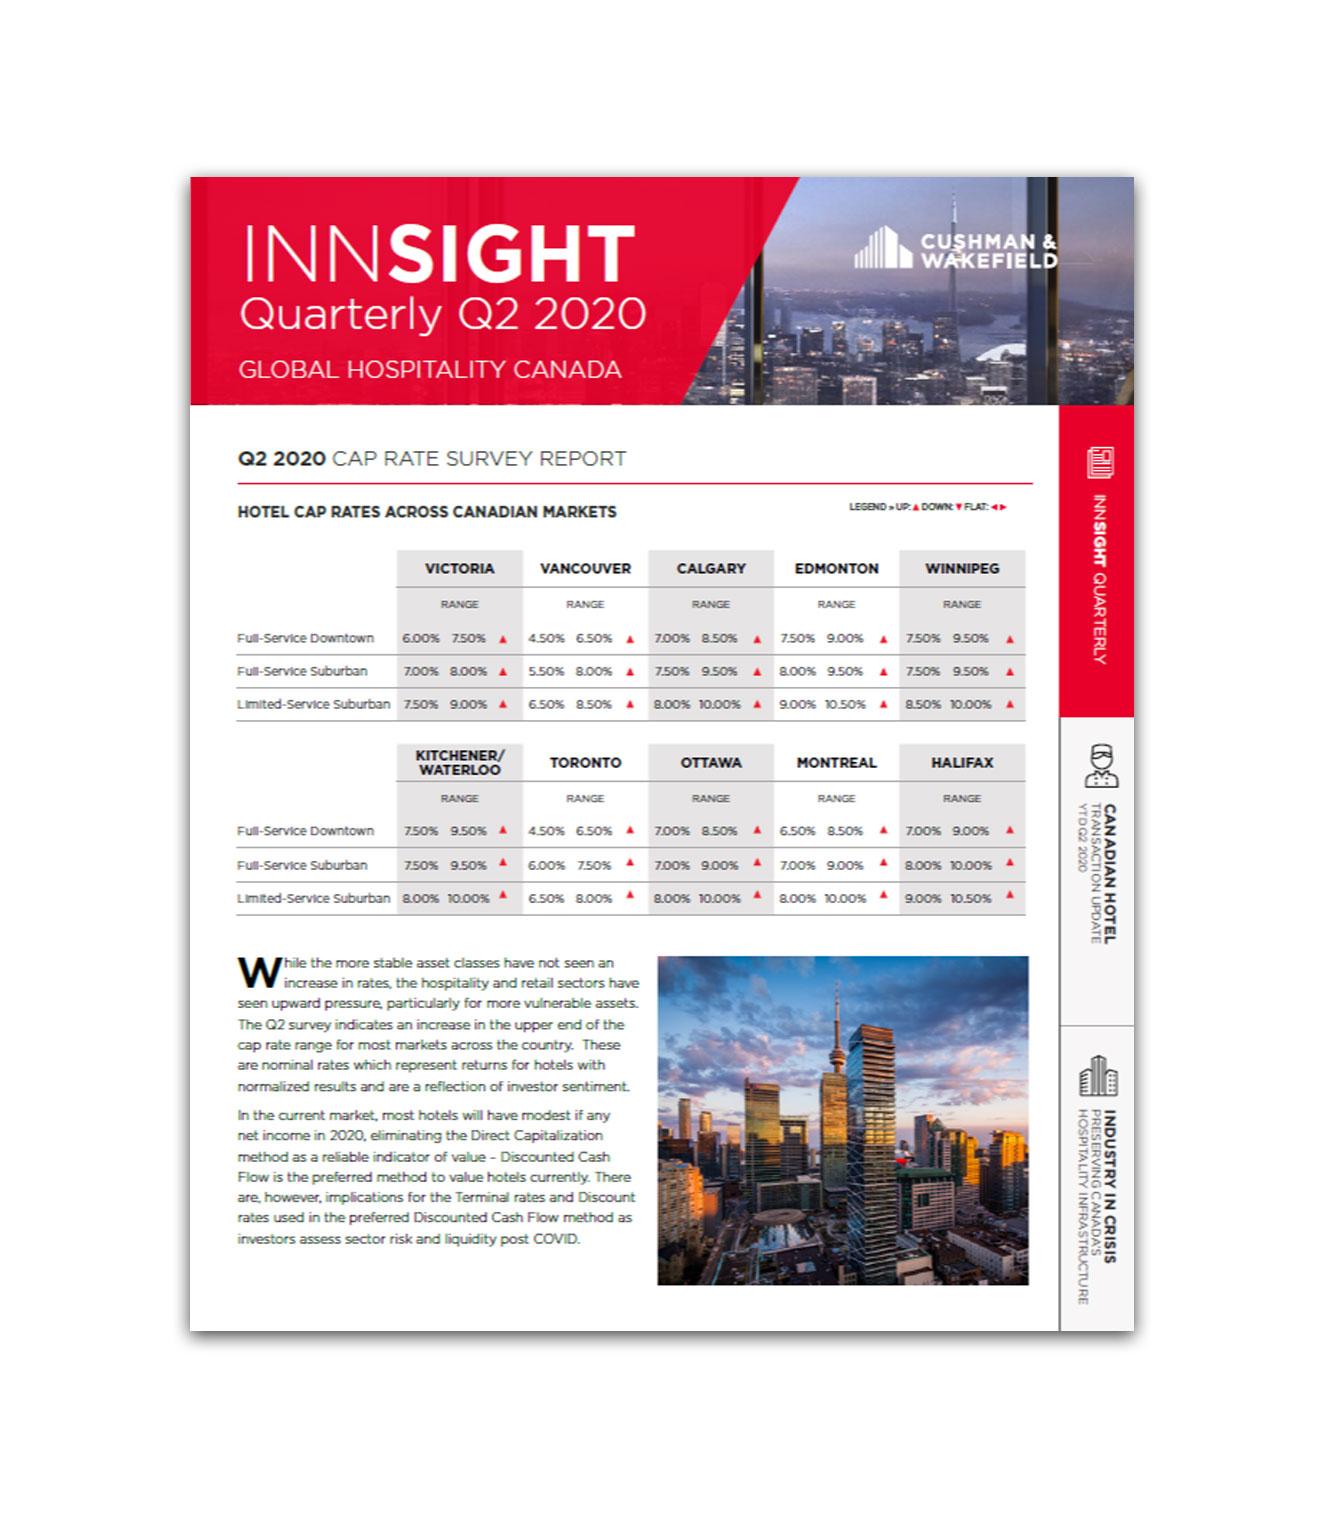 q2 2020 canada innsight report (image)